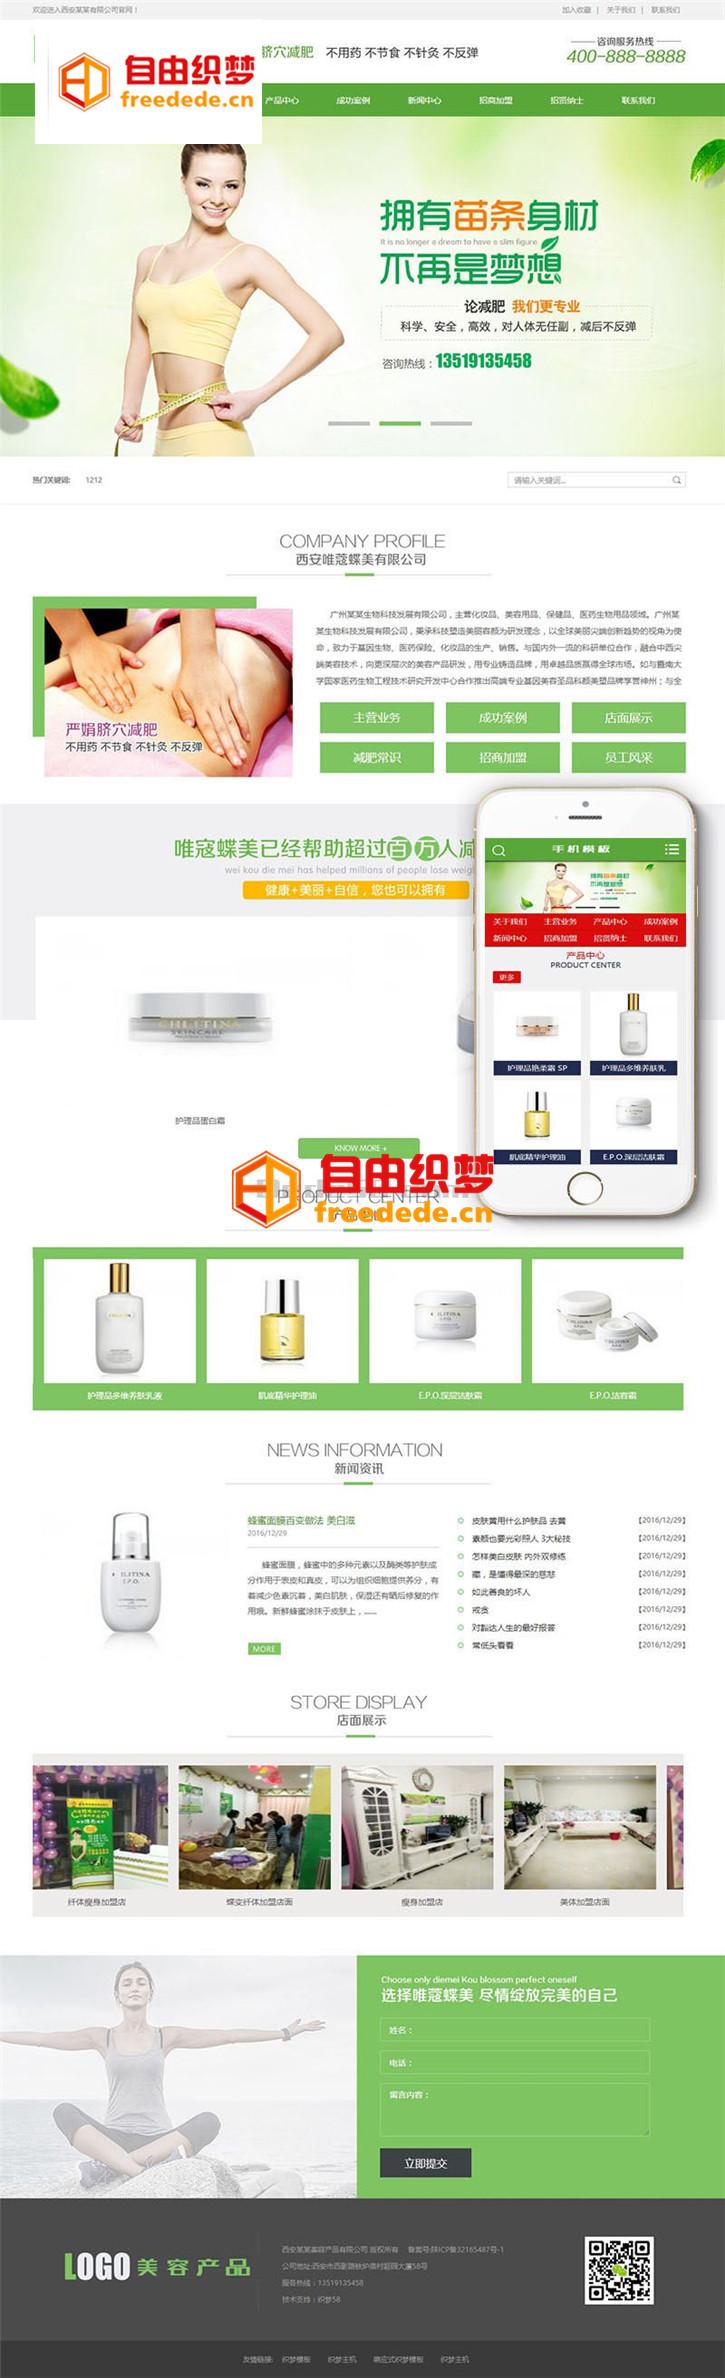 爱上源码网文章营销型化妆美容美白产品类网站织梦模板(带手机端)整站源码下载的内容插图